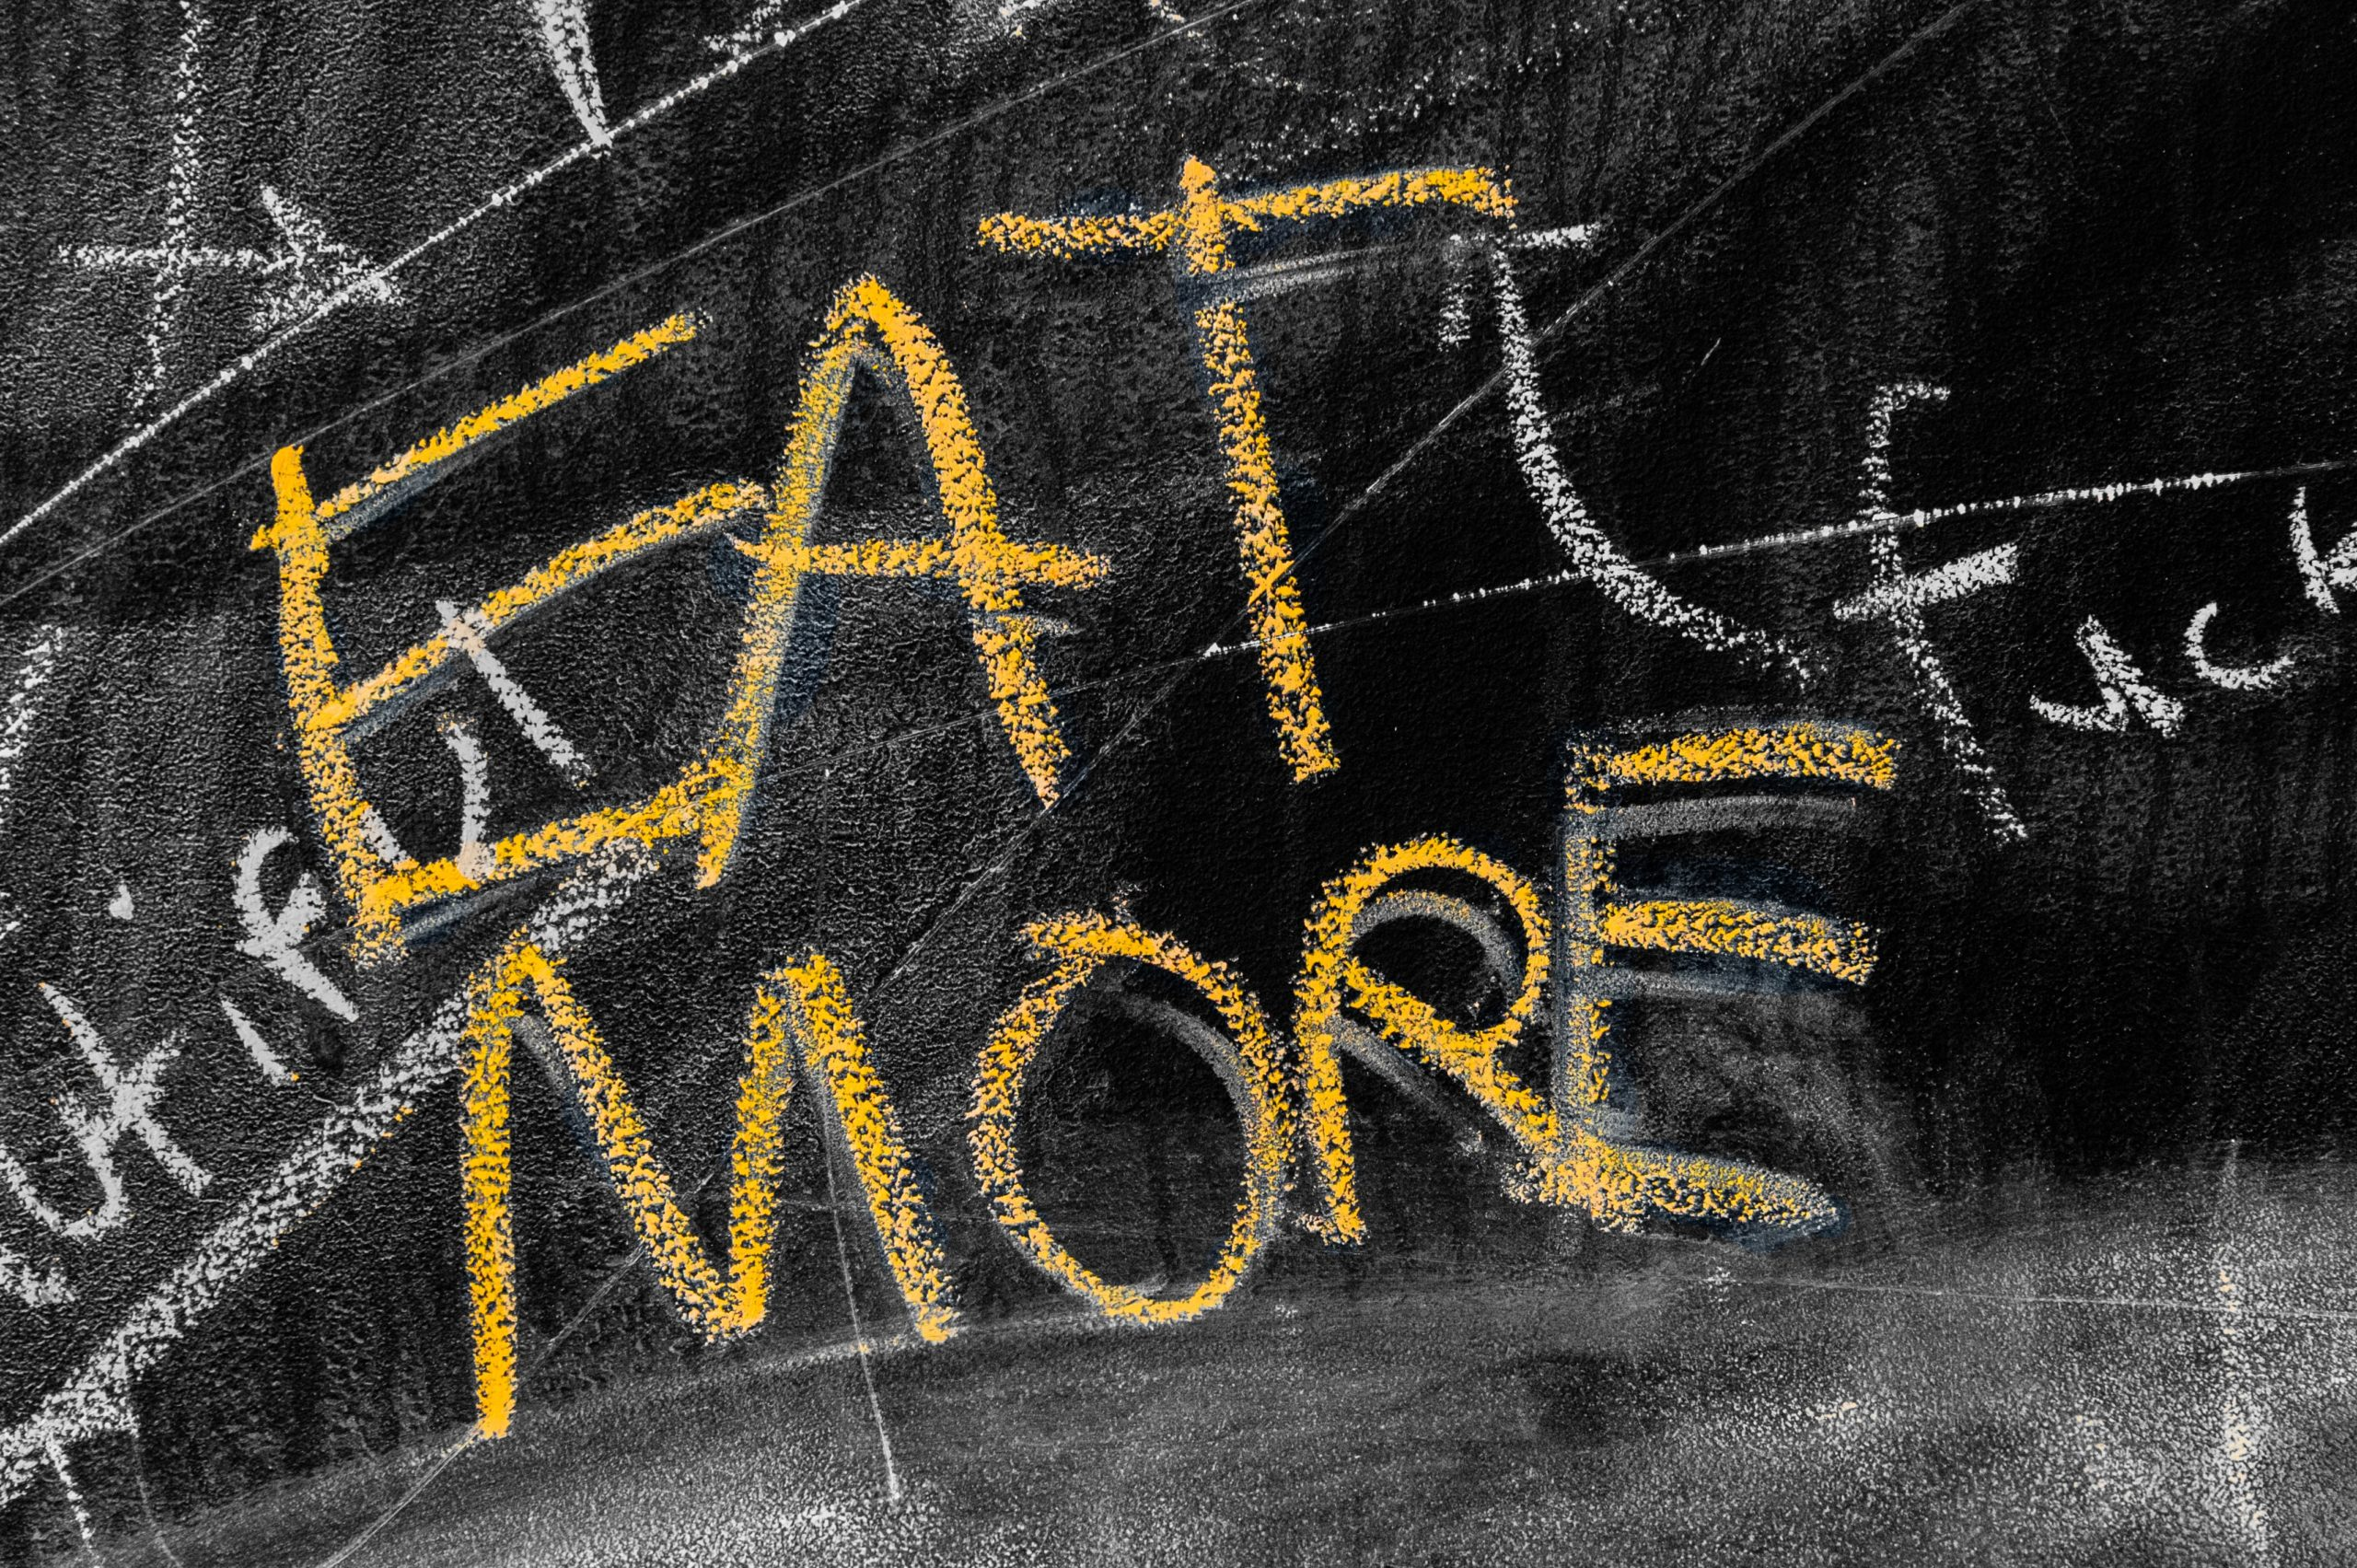 ダイエットしてもリバウンドする人の5つの特徴【対策も解説します】